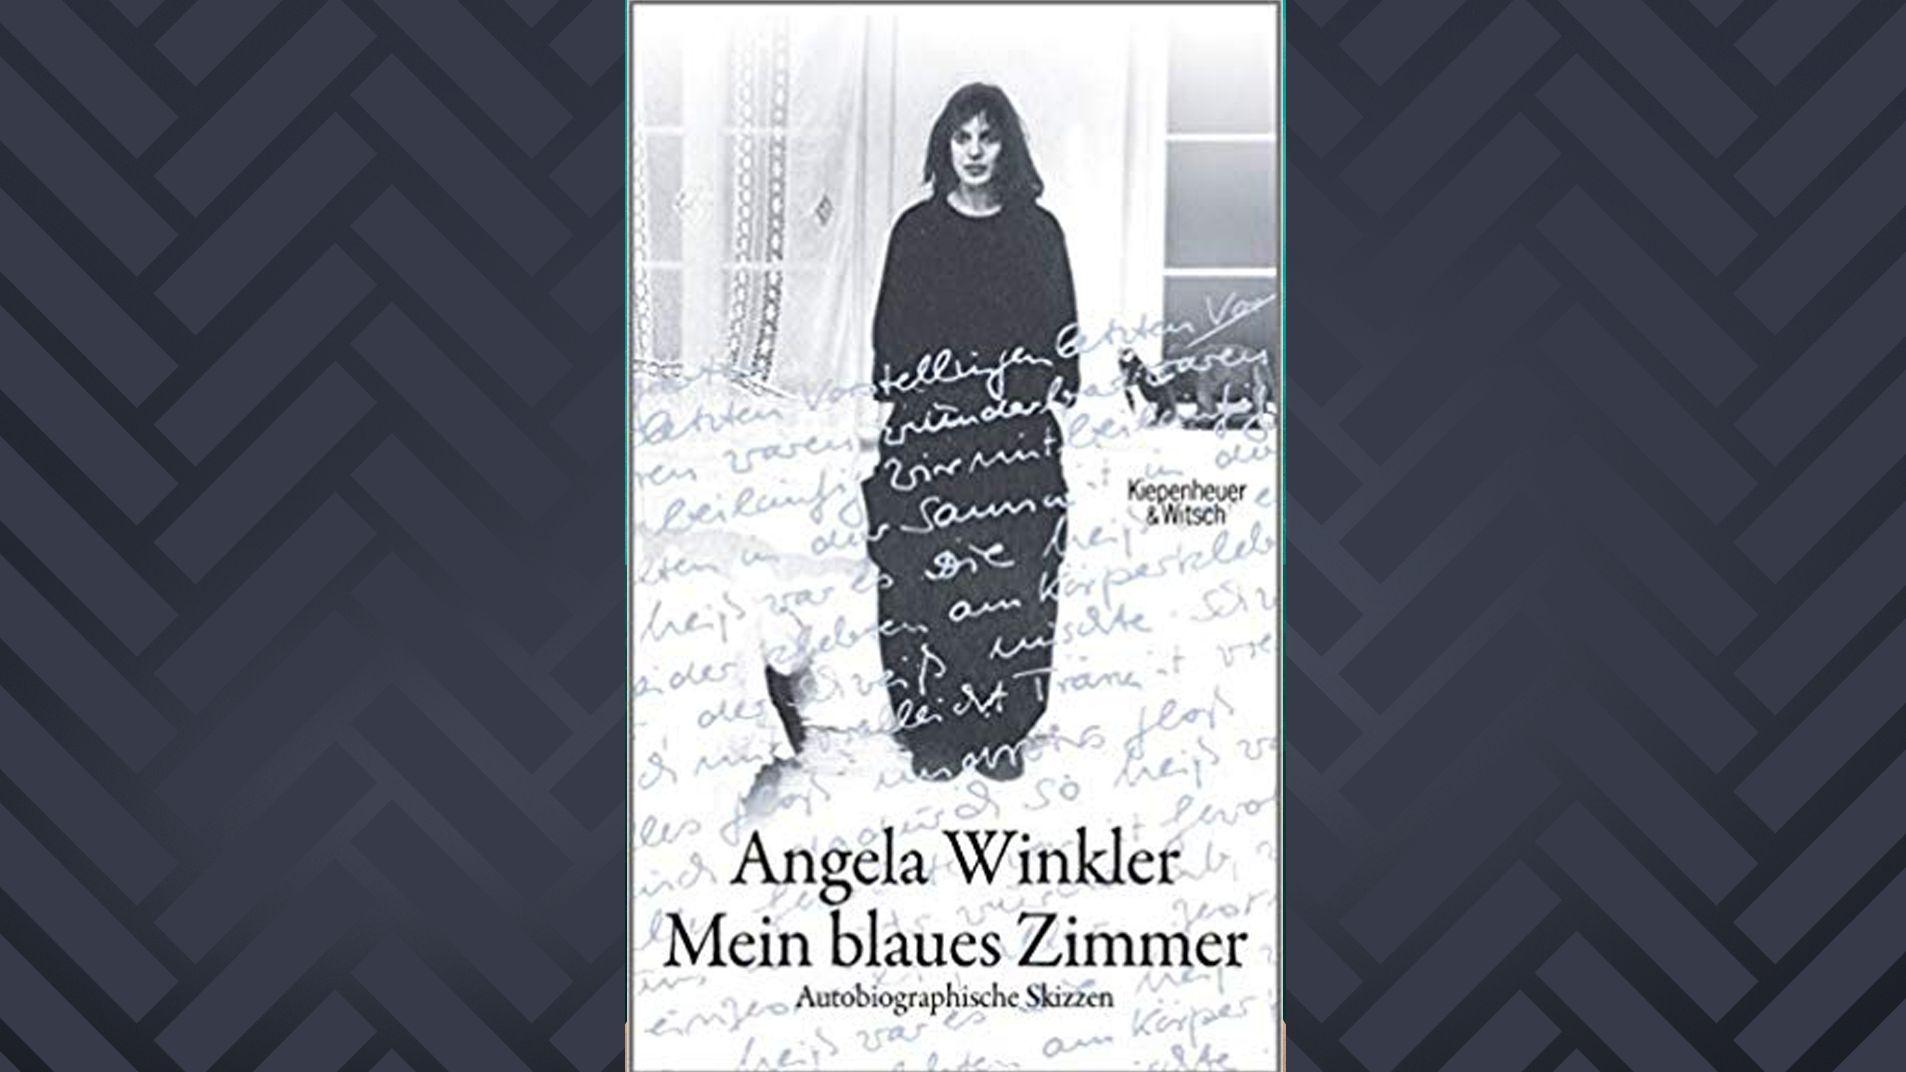 Cover des Buches von  Angela Winkler und Brigitte Landes, auf dem Winkler in jungen Jahren in einem Zimmer steht